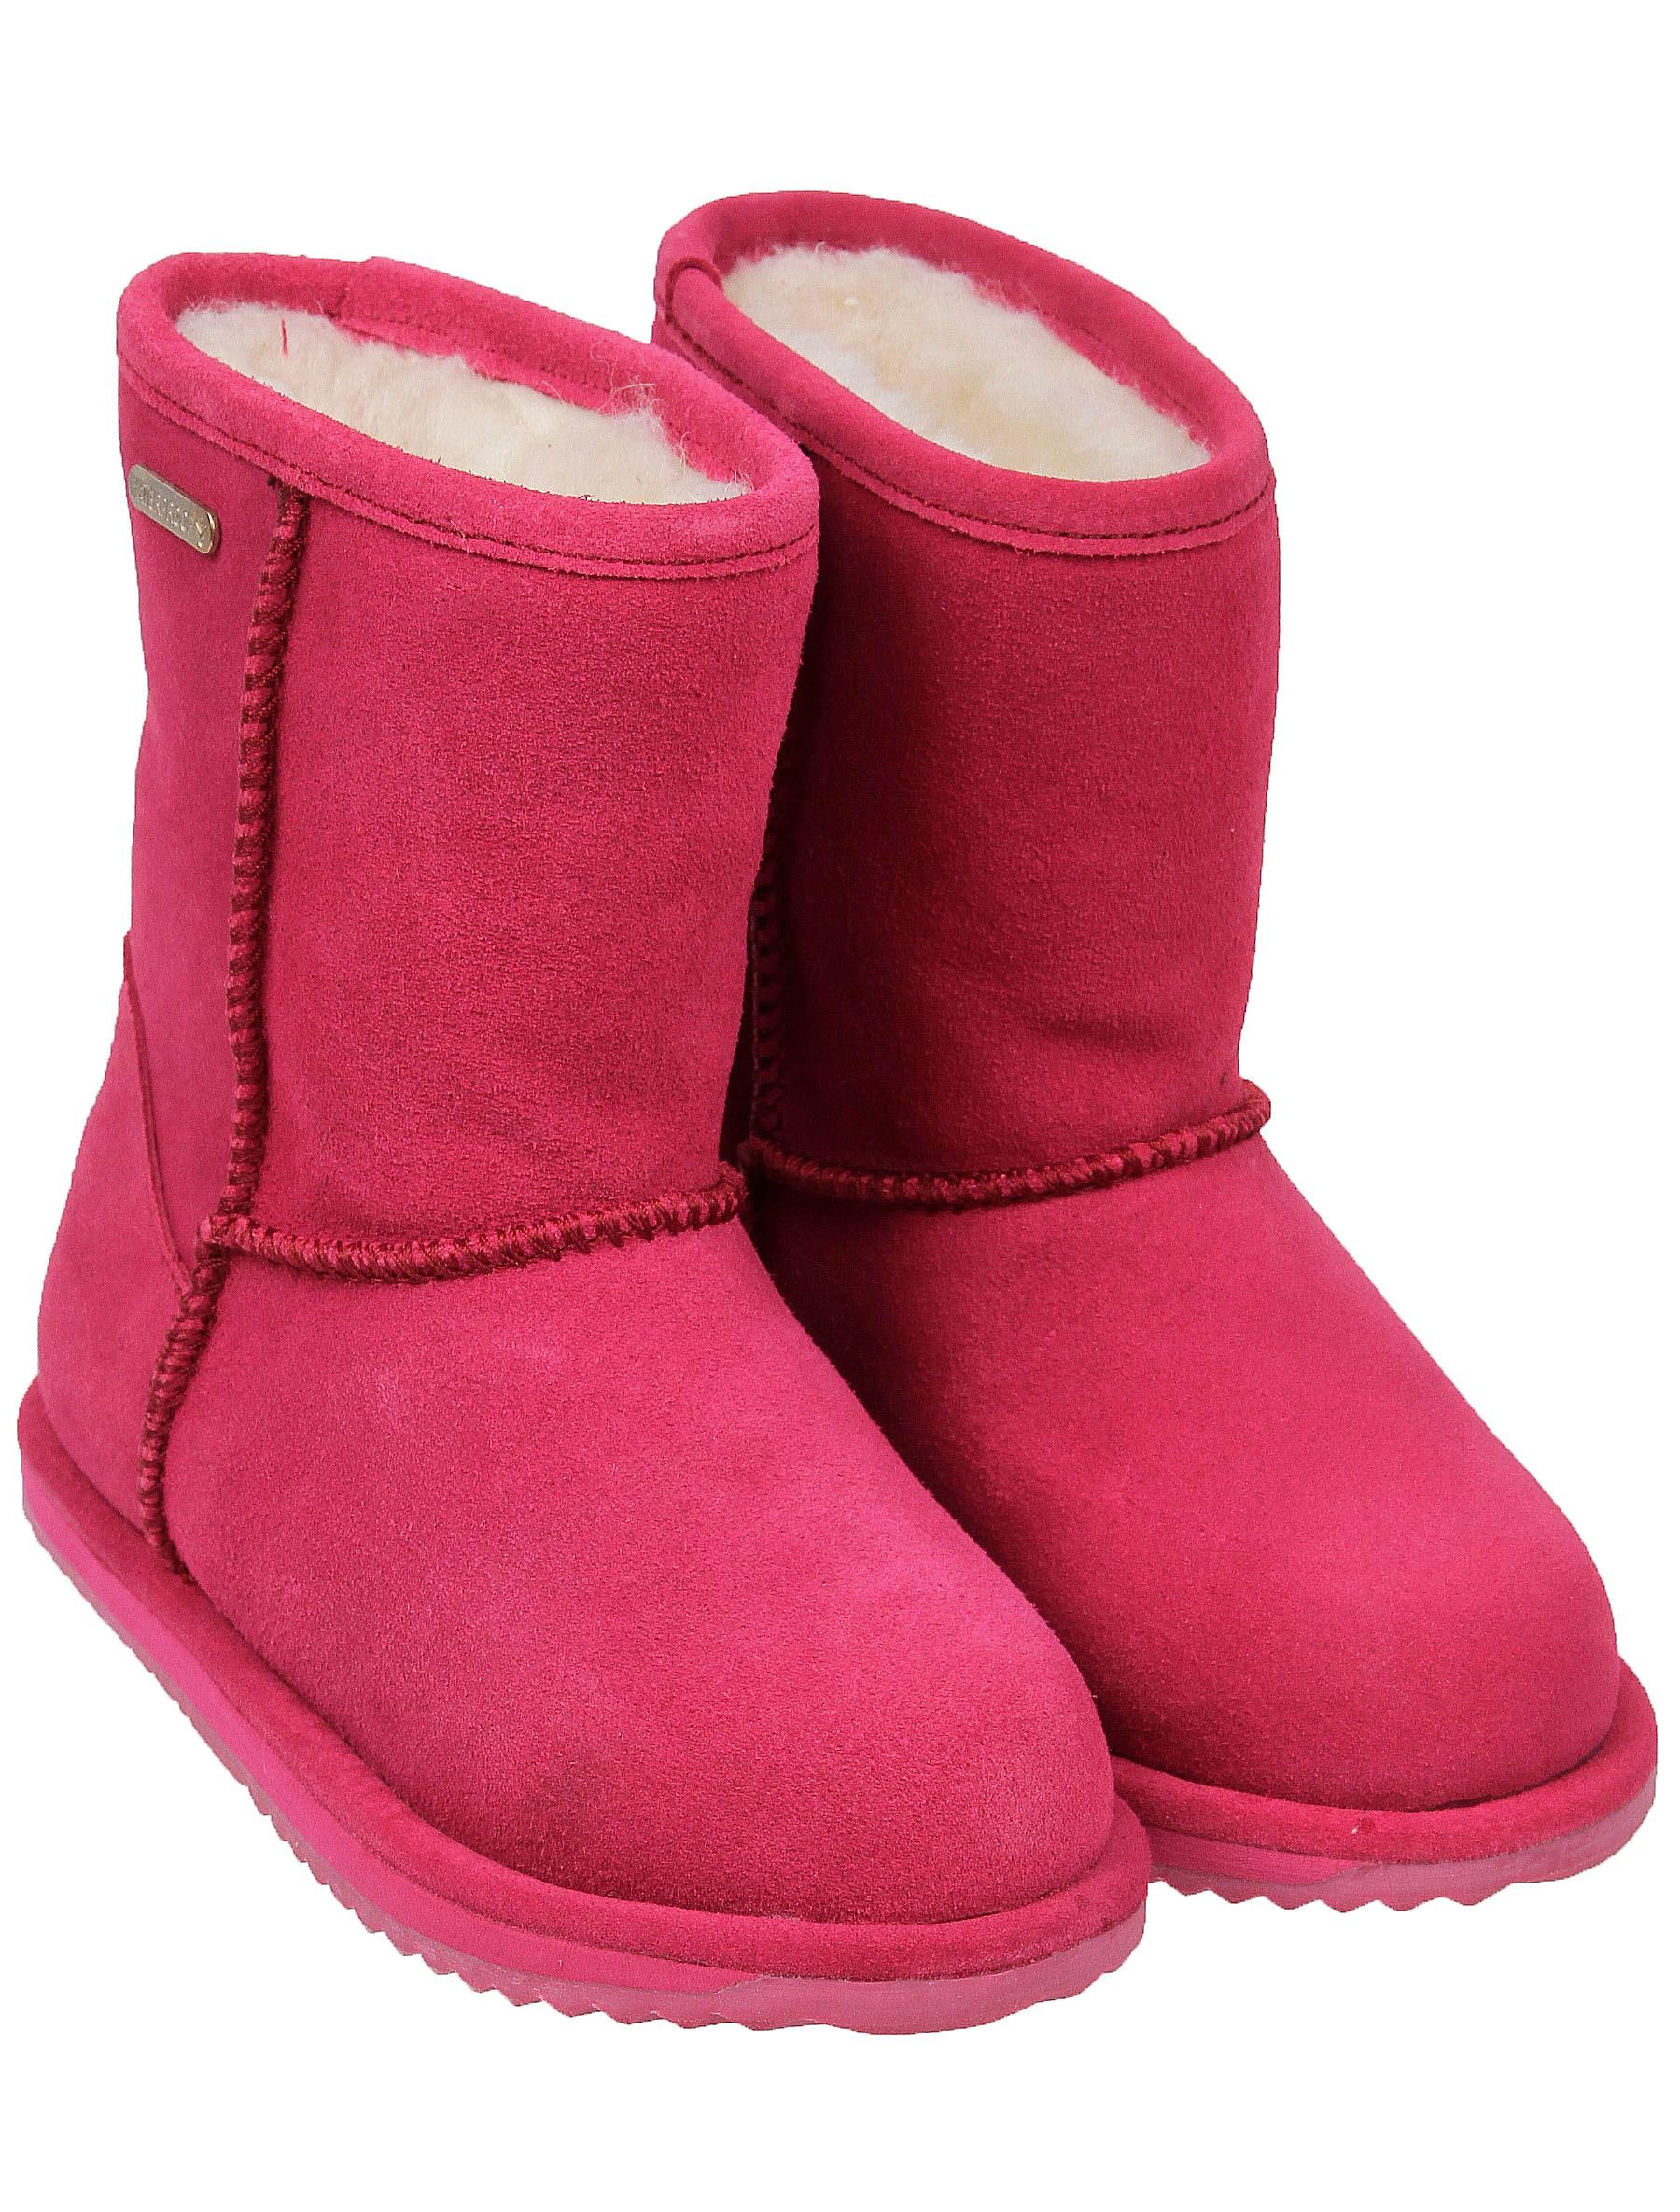 Купить 2246250, Сапоги Emu Australia, розовый, Женский, 2024509080460